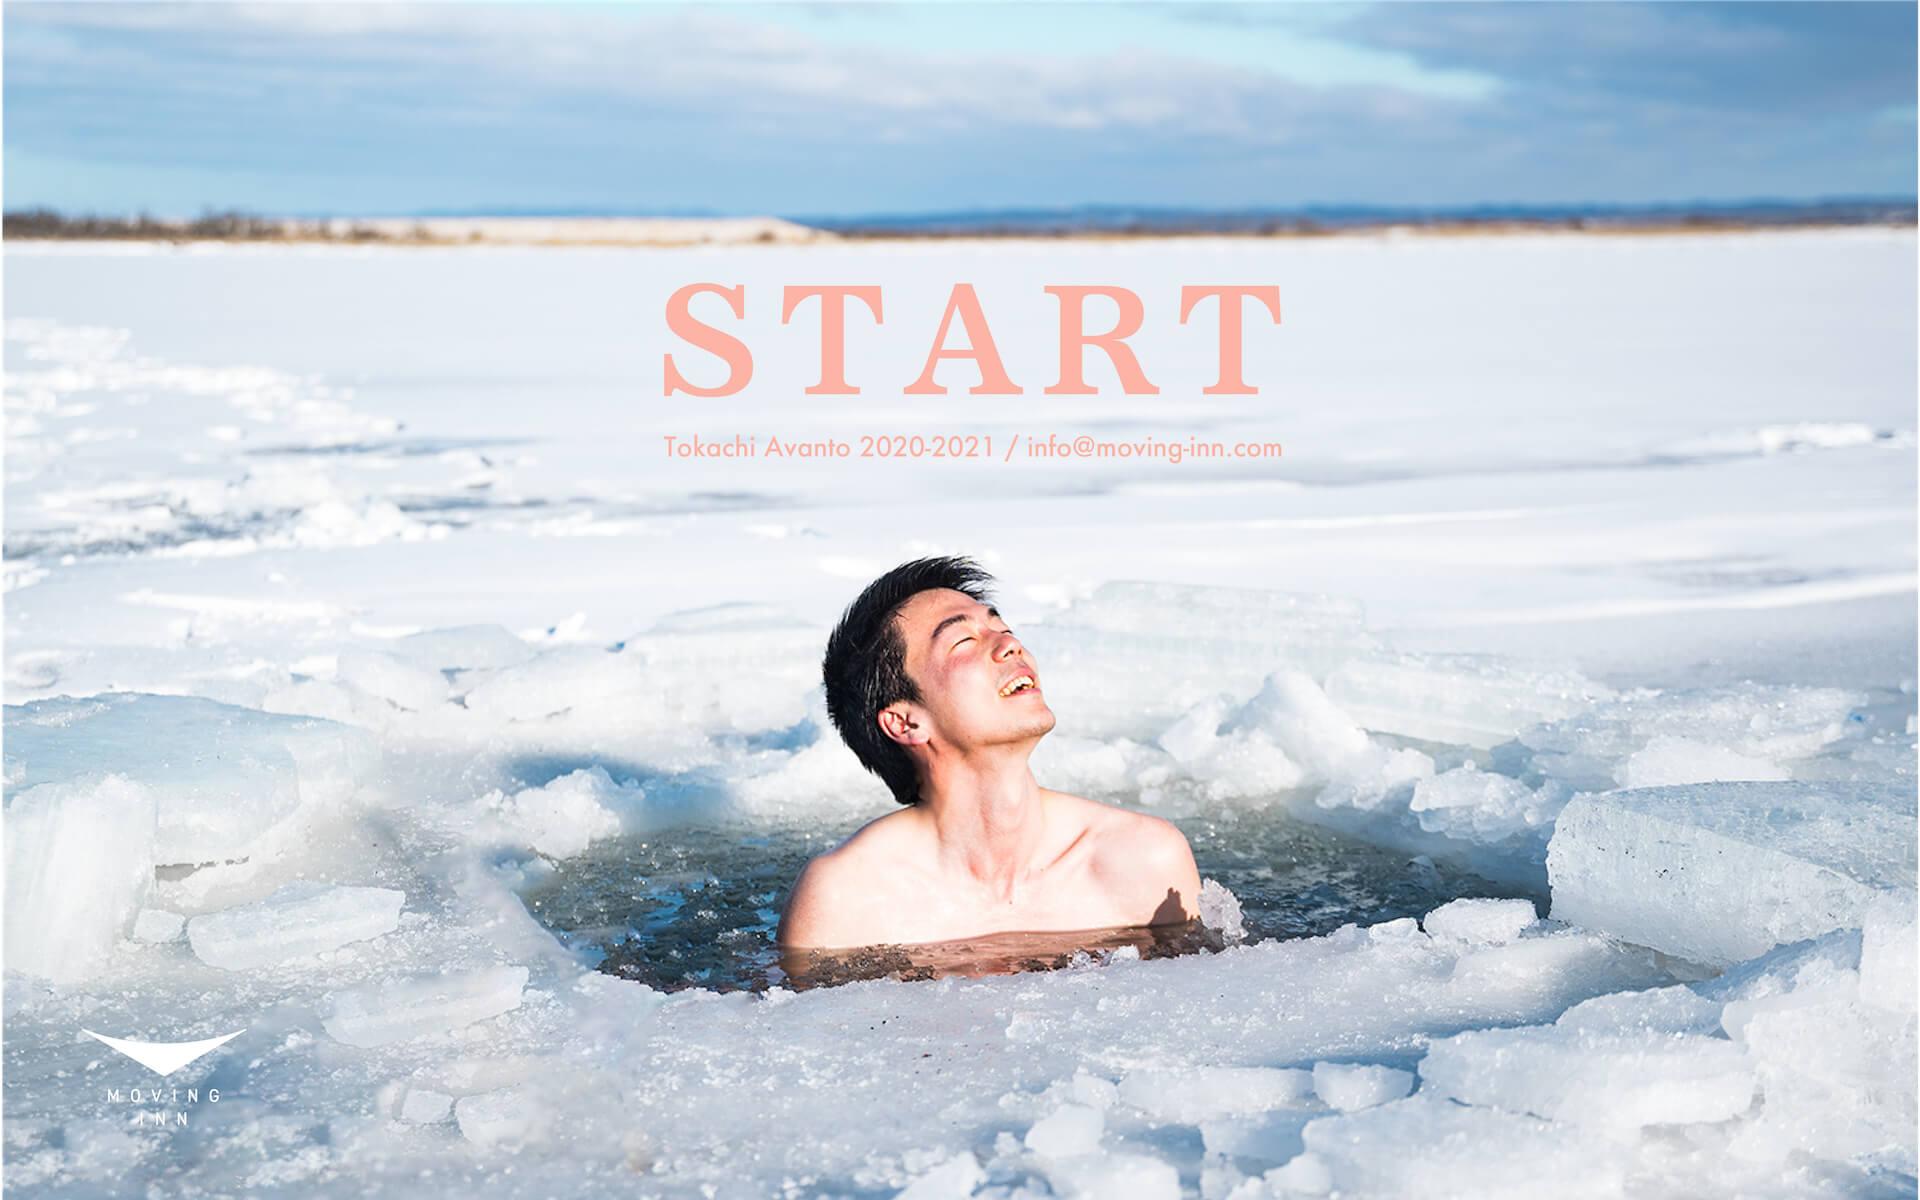 凍った川にできた天然の水風呂でととのおう!アウトドアサウナアクティビティ『十勝アヴァント』の予約受付がスタート life201124_avanto_1